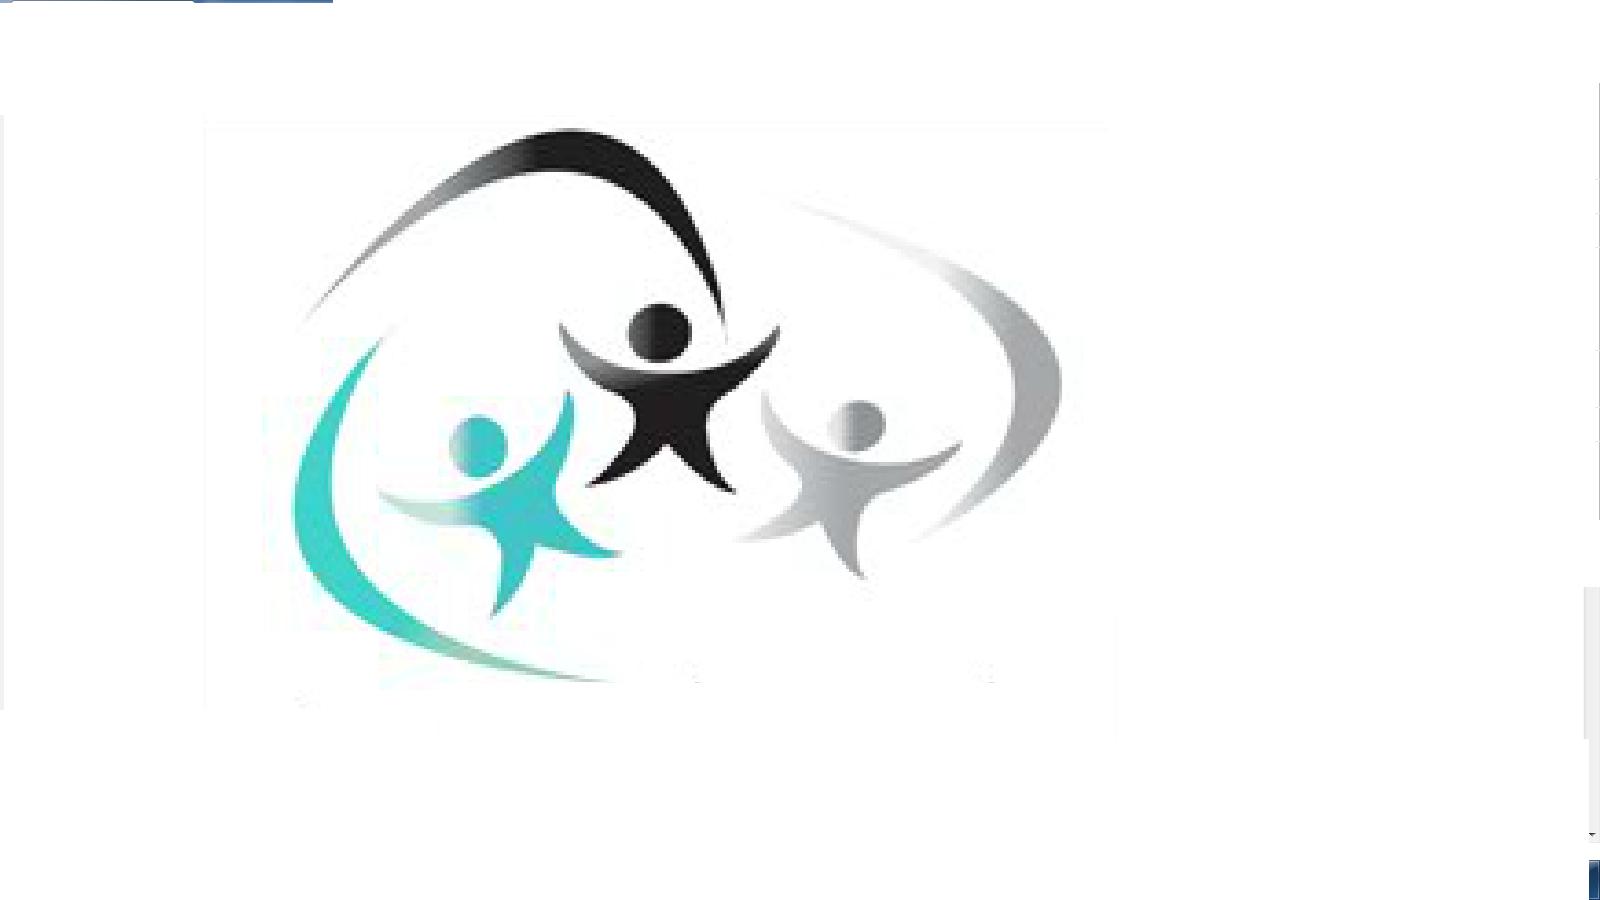 مطلوب اخصائيين و اخصائيات في التوحد و في متلازمة داون